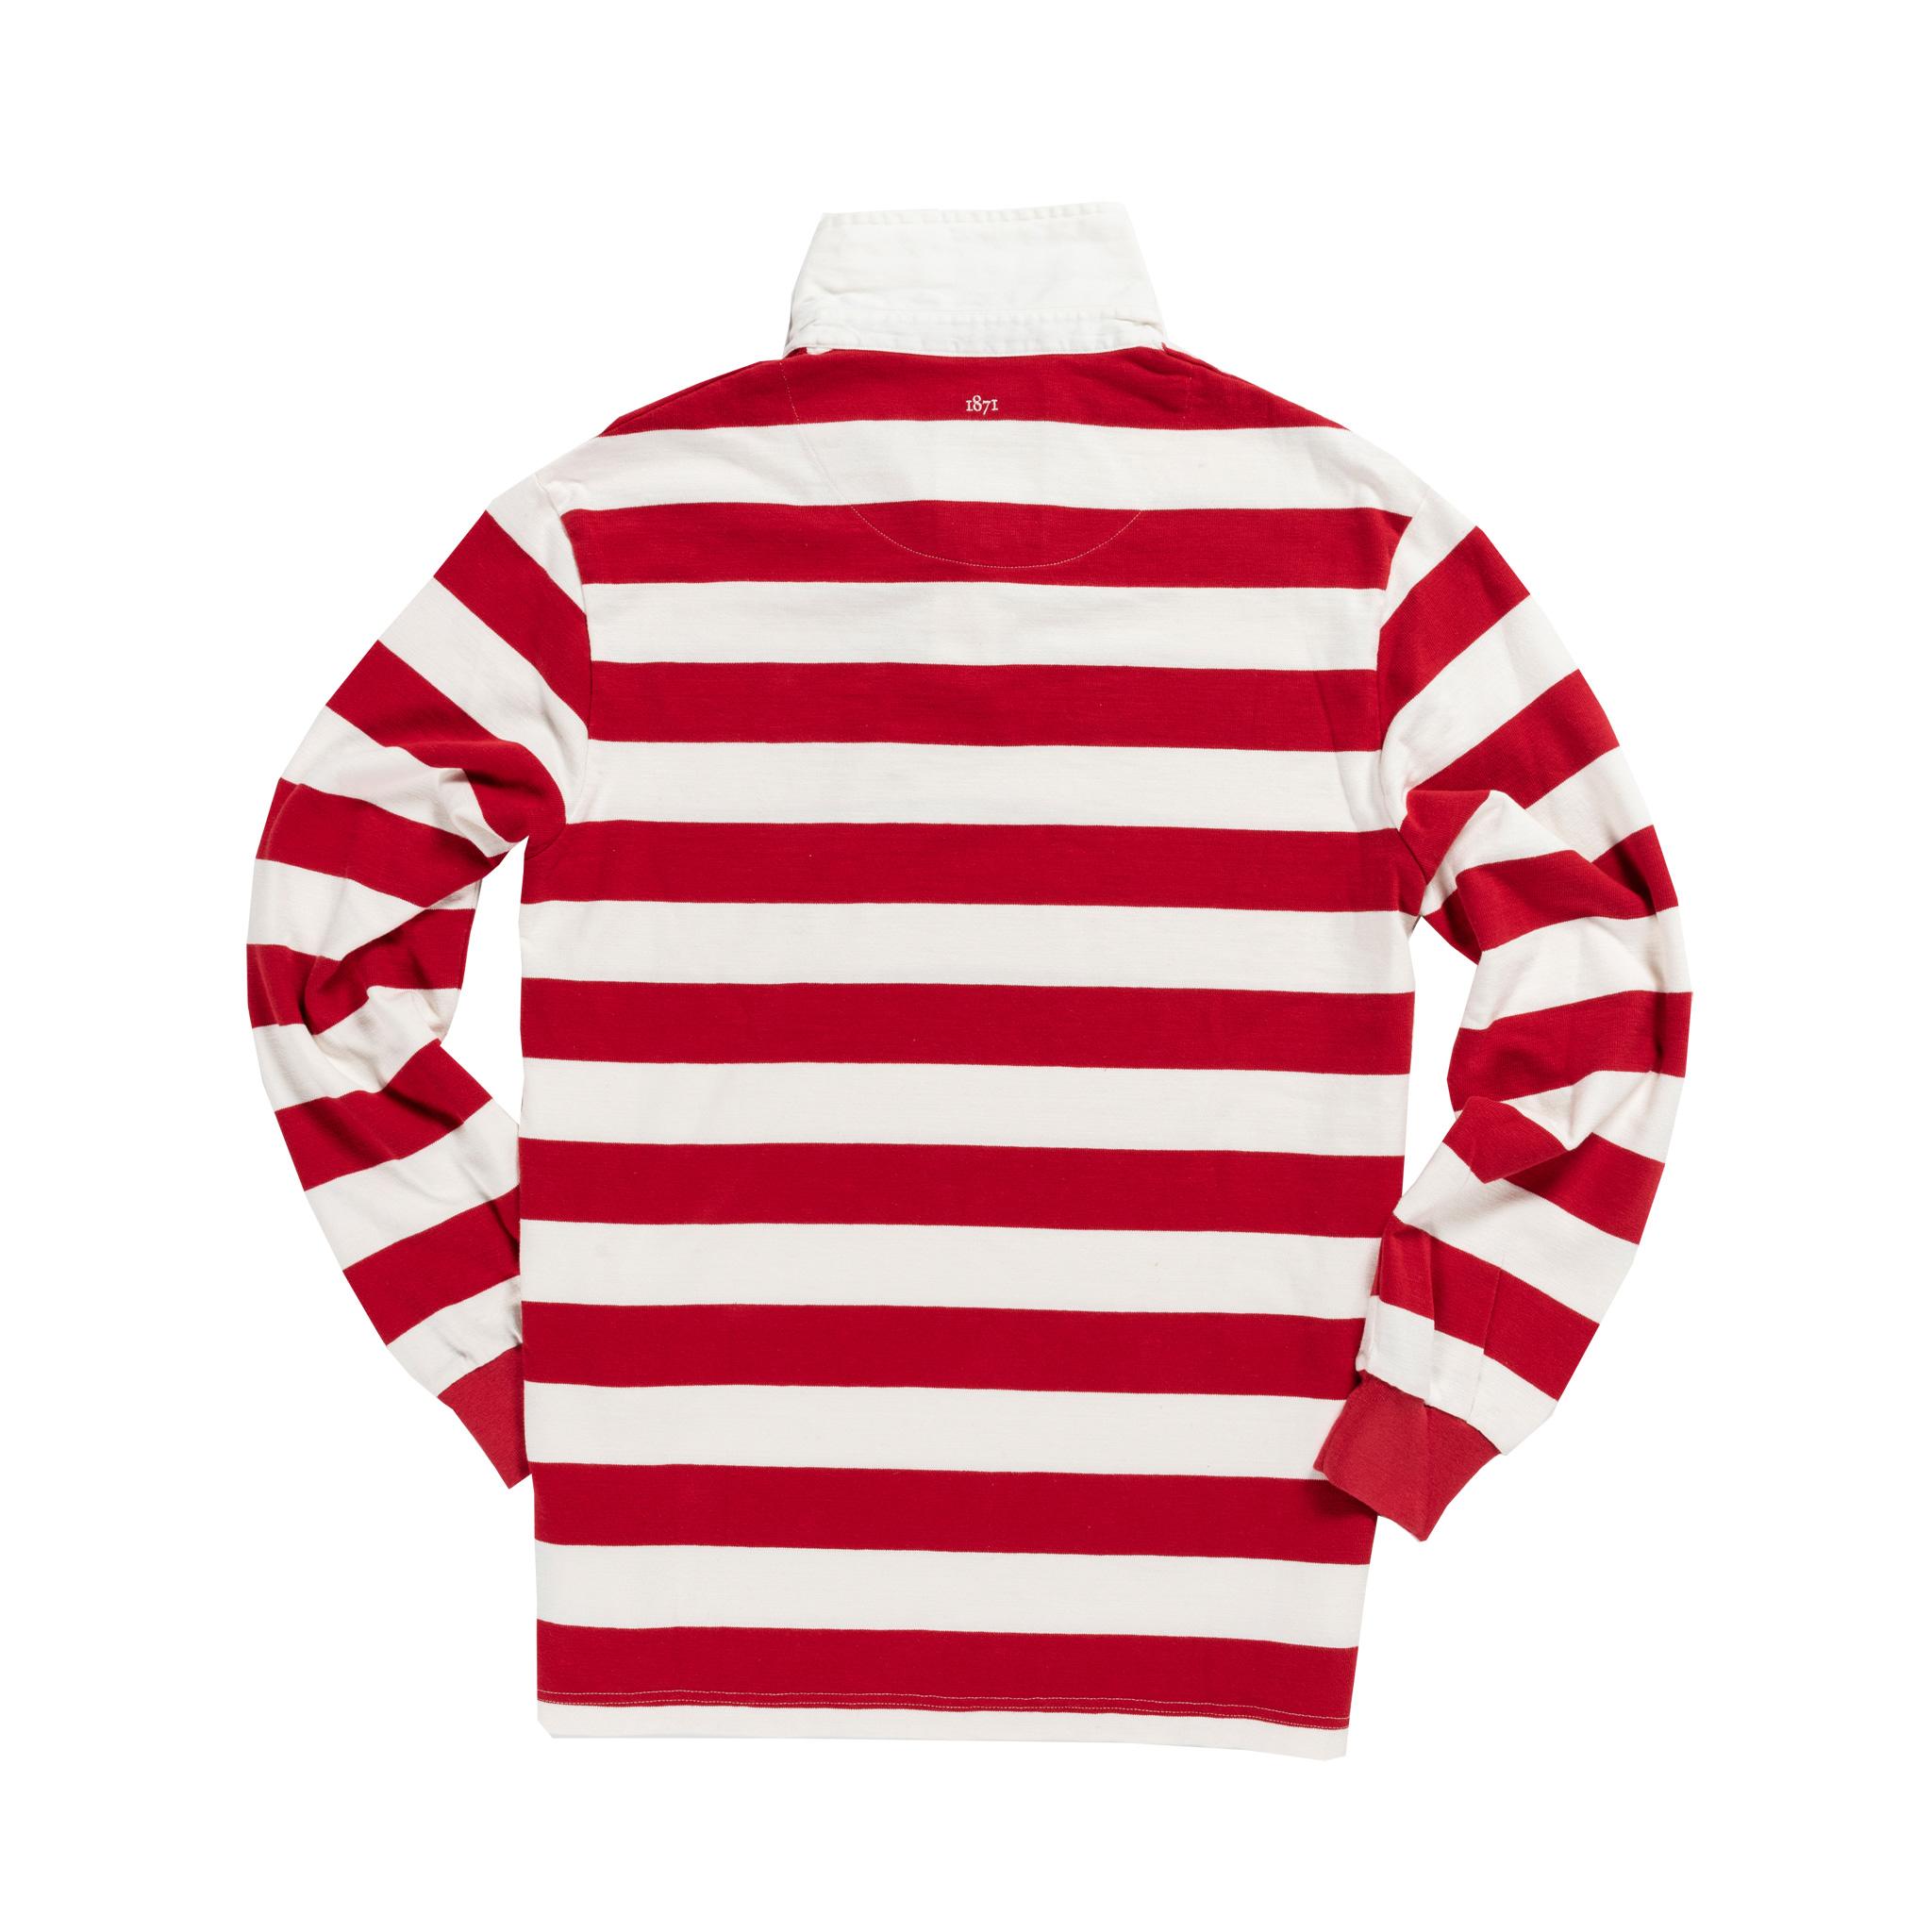 Japan 1932 Vintage Rugby Shirt_Back